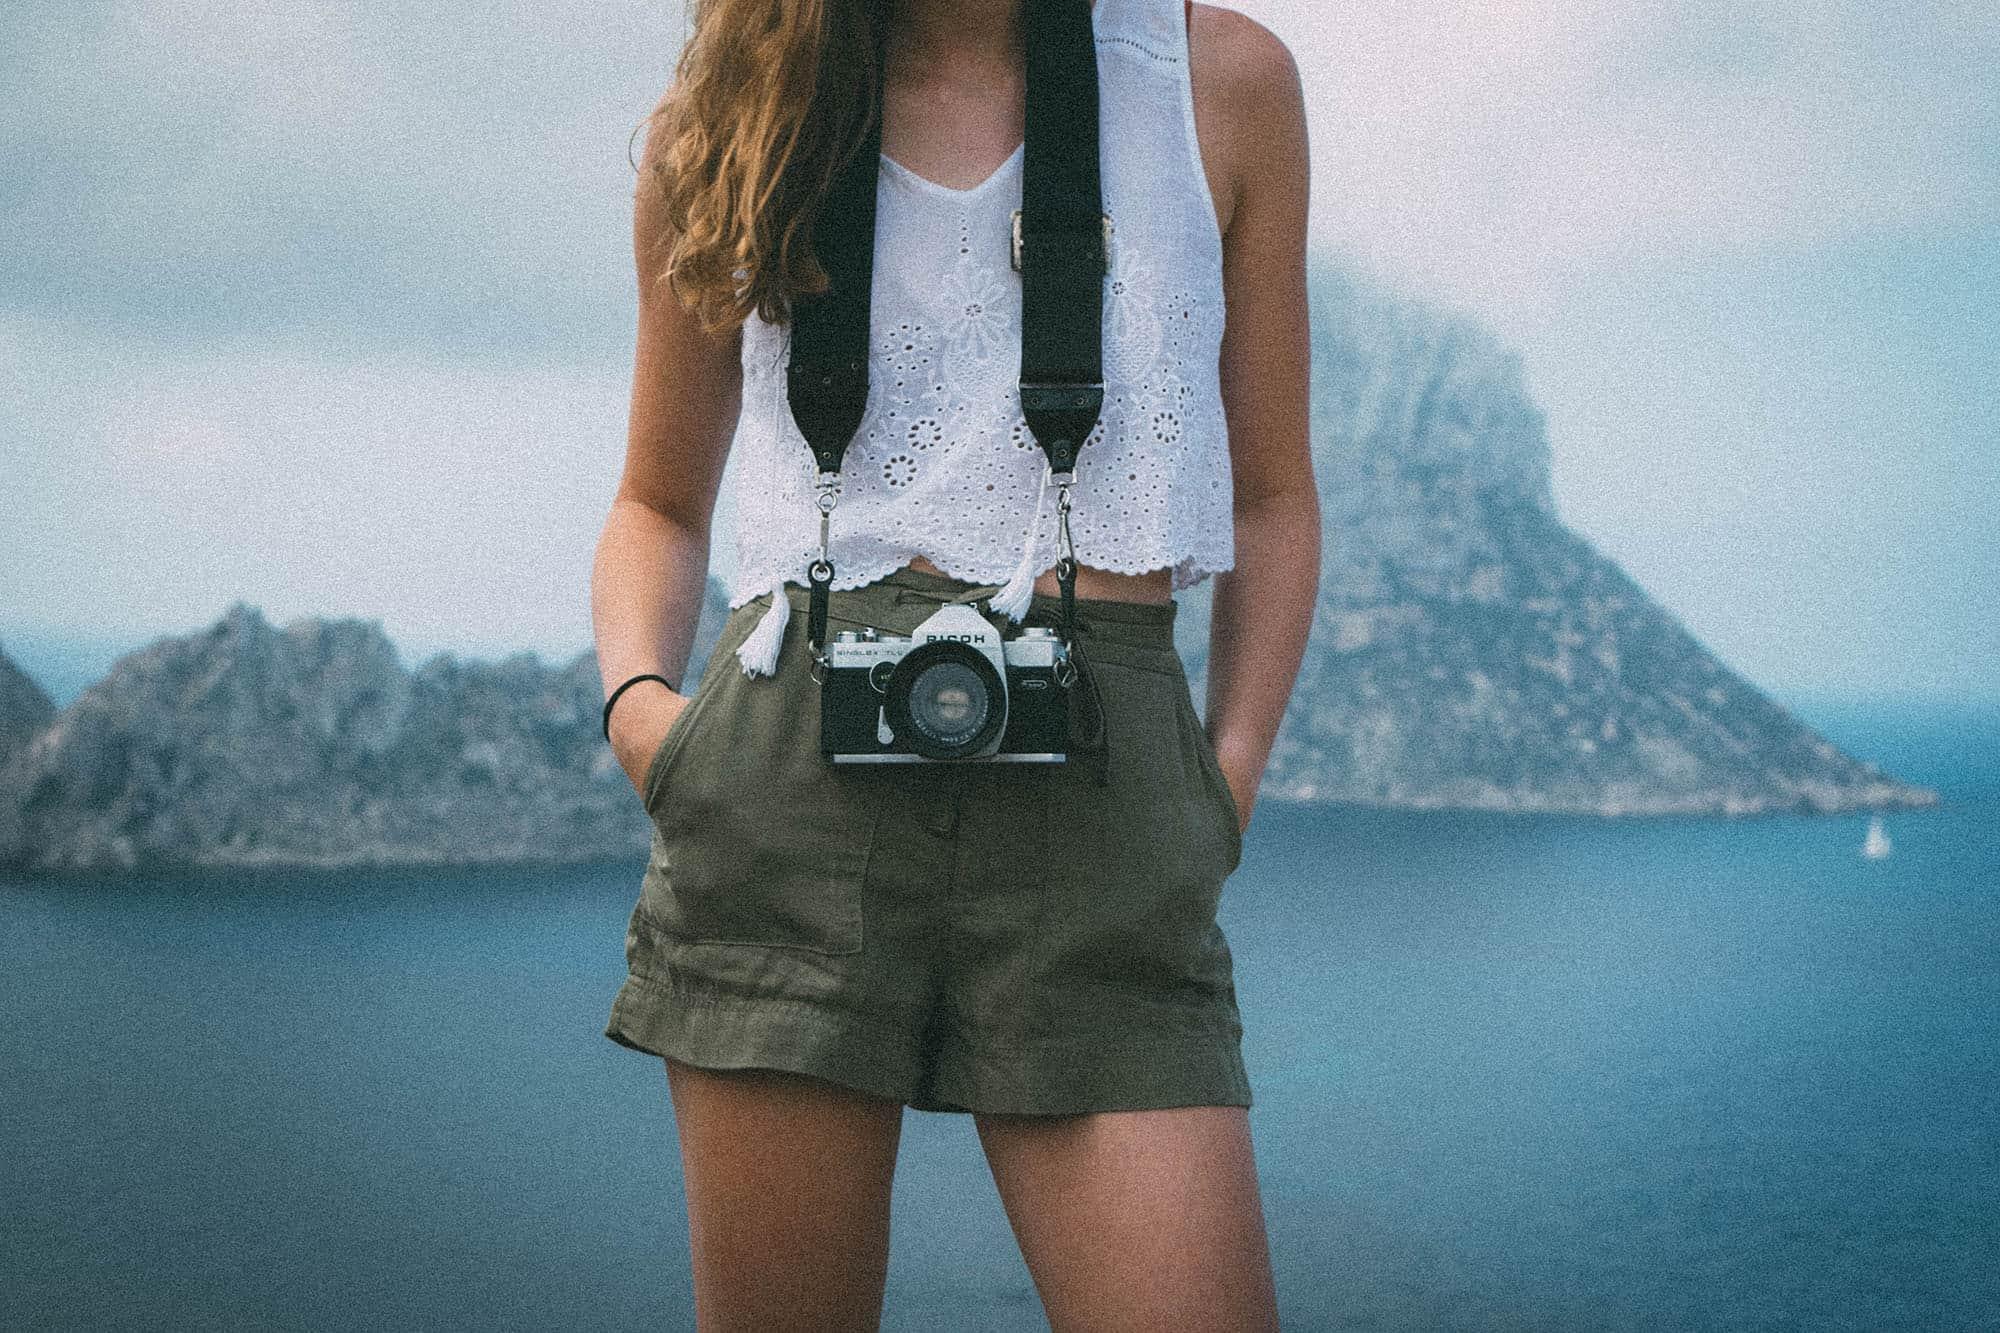 Stoomcursus fotografie: 9 handige tips voor beginners